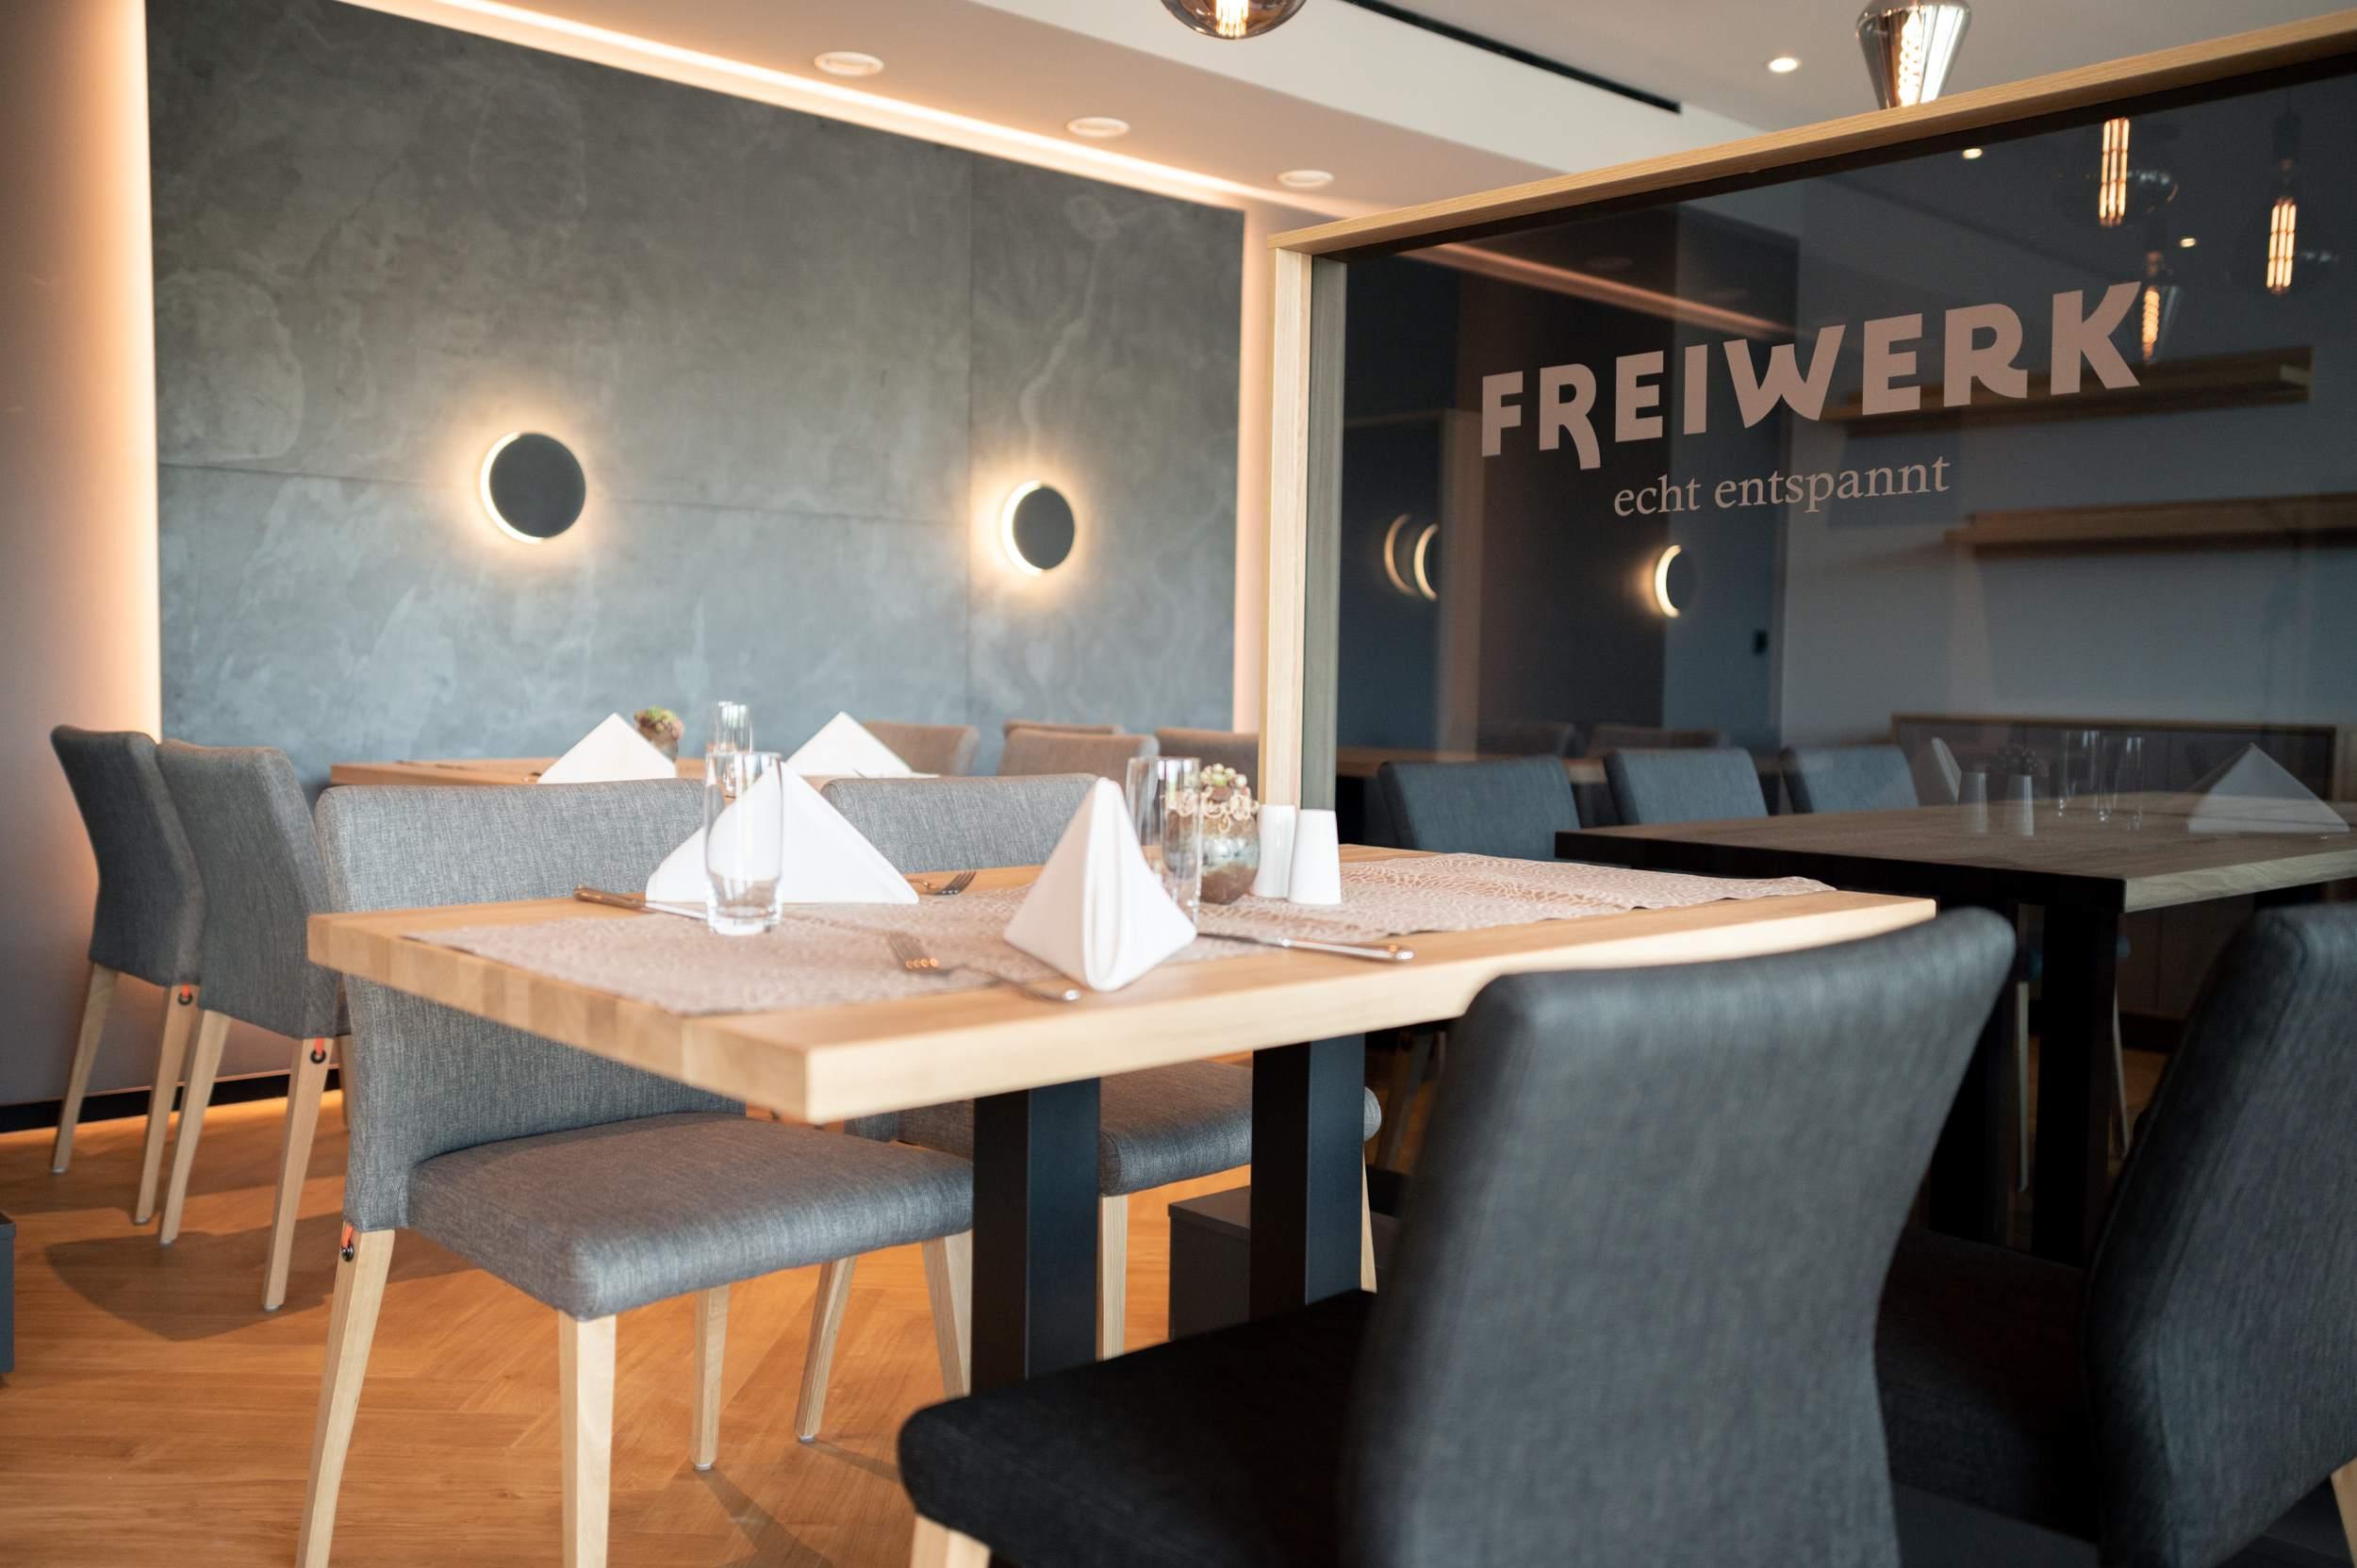 Romantik Hotel FreiWerk Stolberg - Bankettraum achtzehn 94